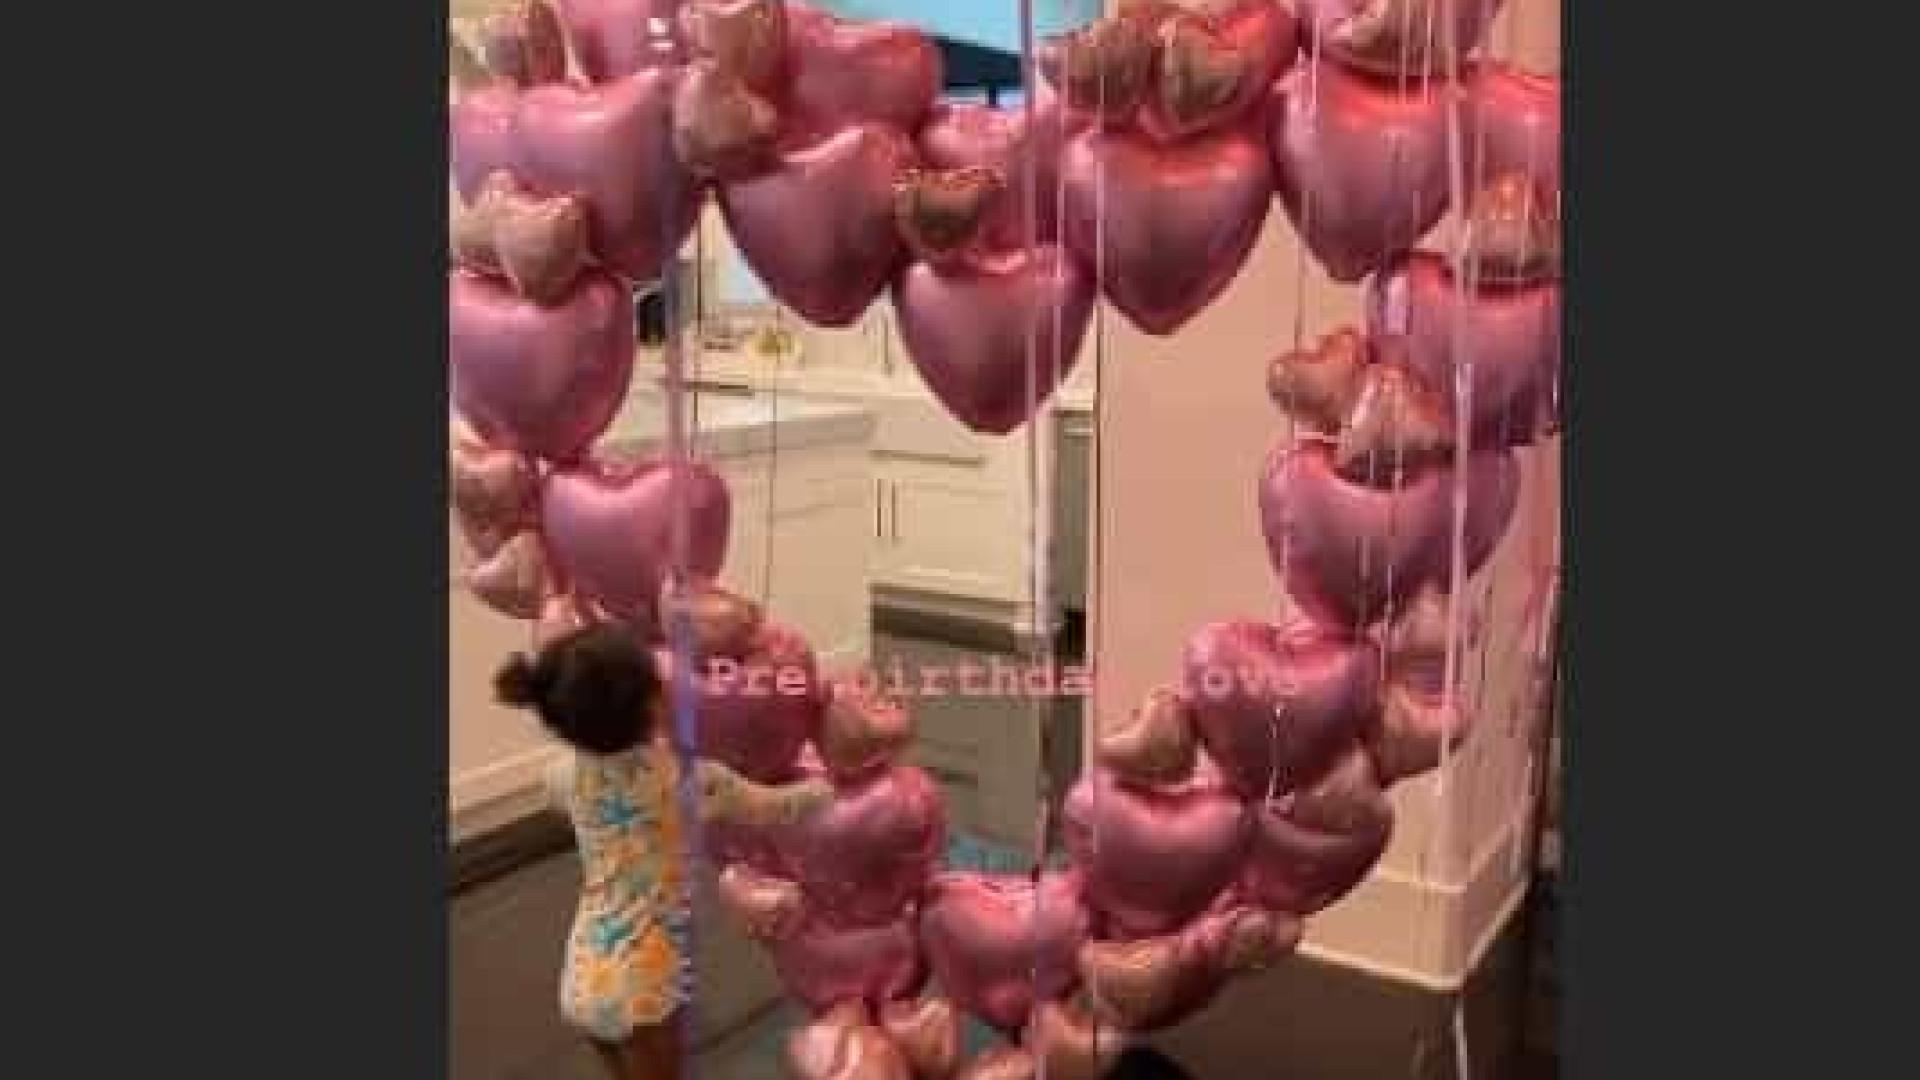 Vídeo. A festa de aniversário de conto de fadas de Khloé Kardashian